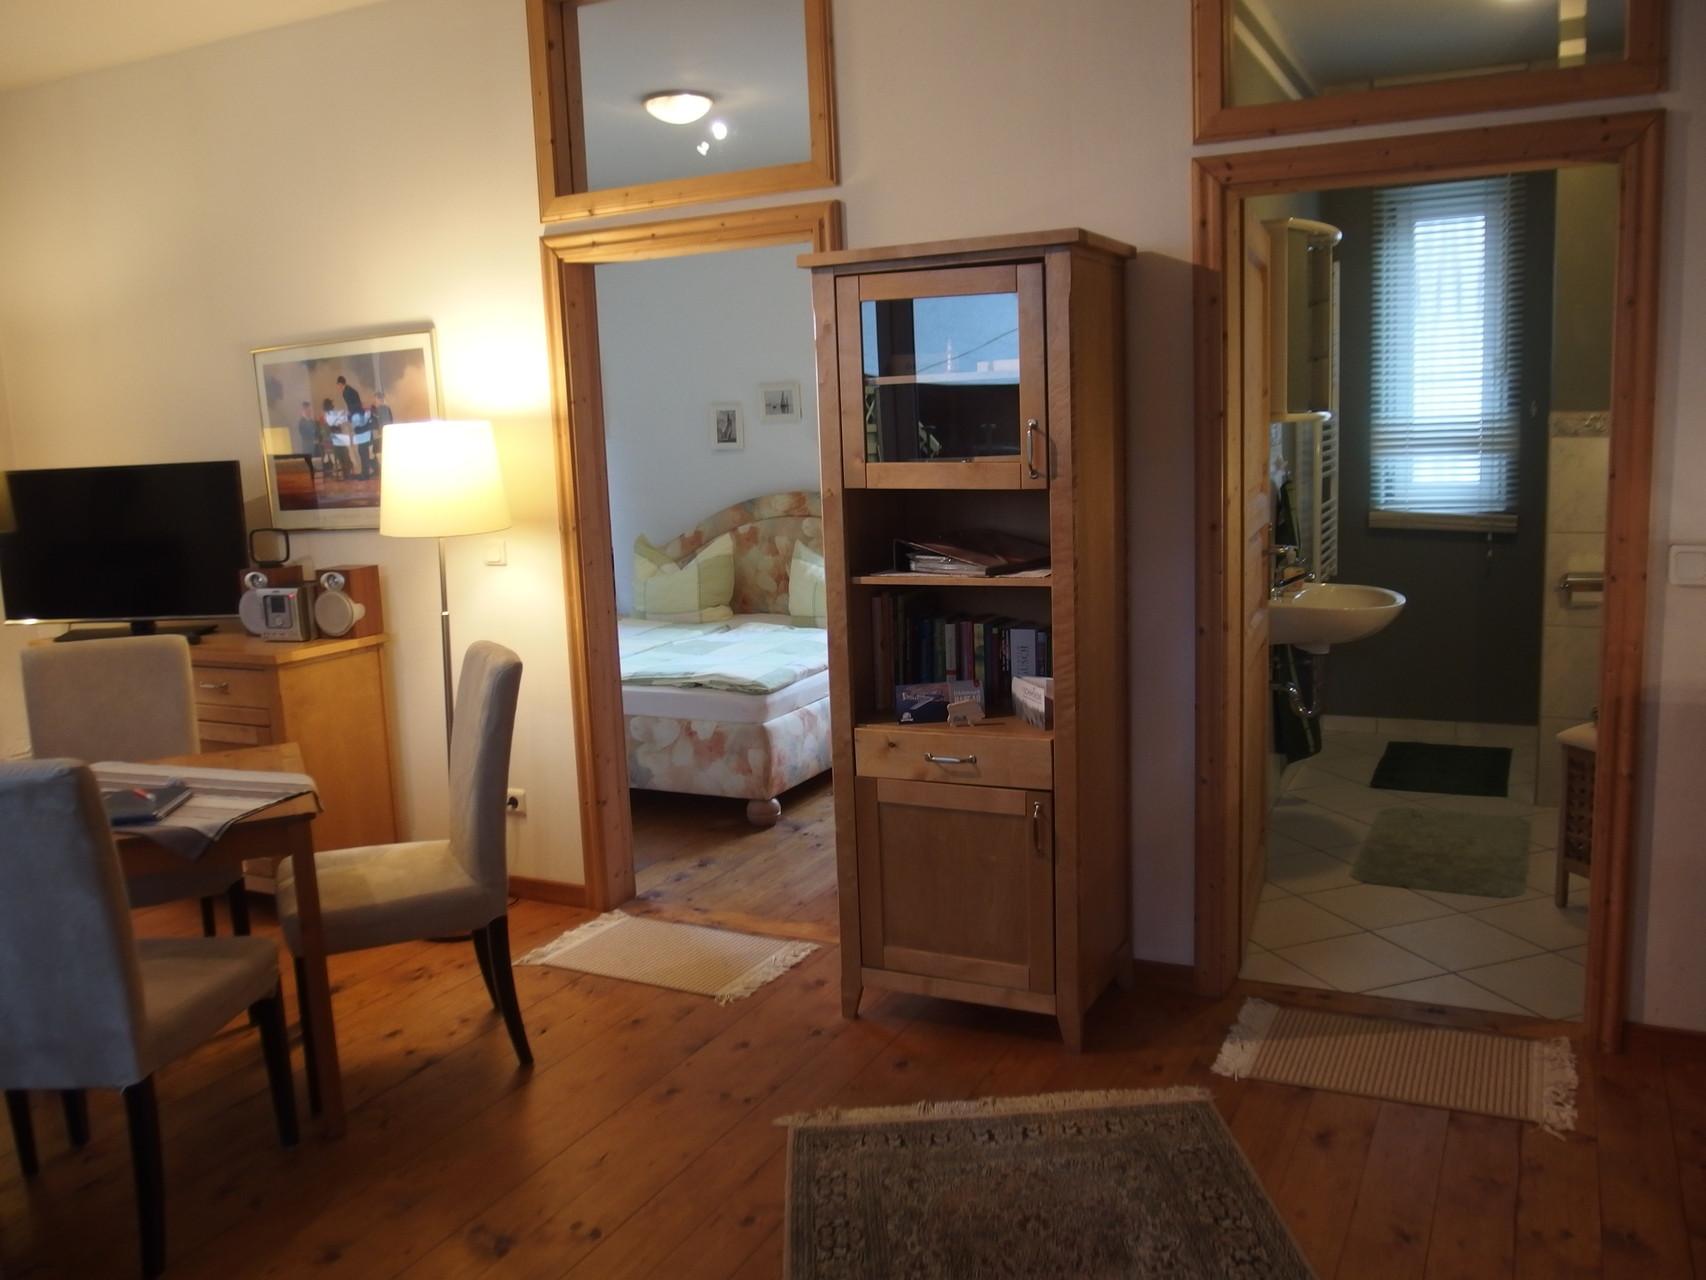 Wohnbereich mit Blick ins Schlafzimmer und Bad